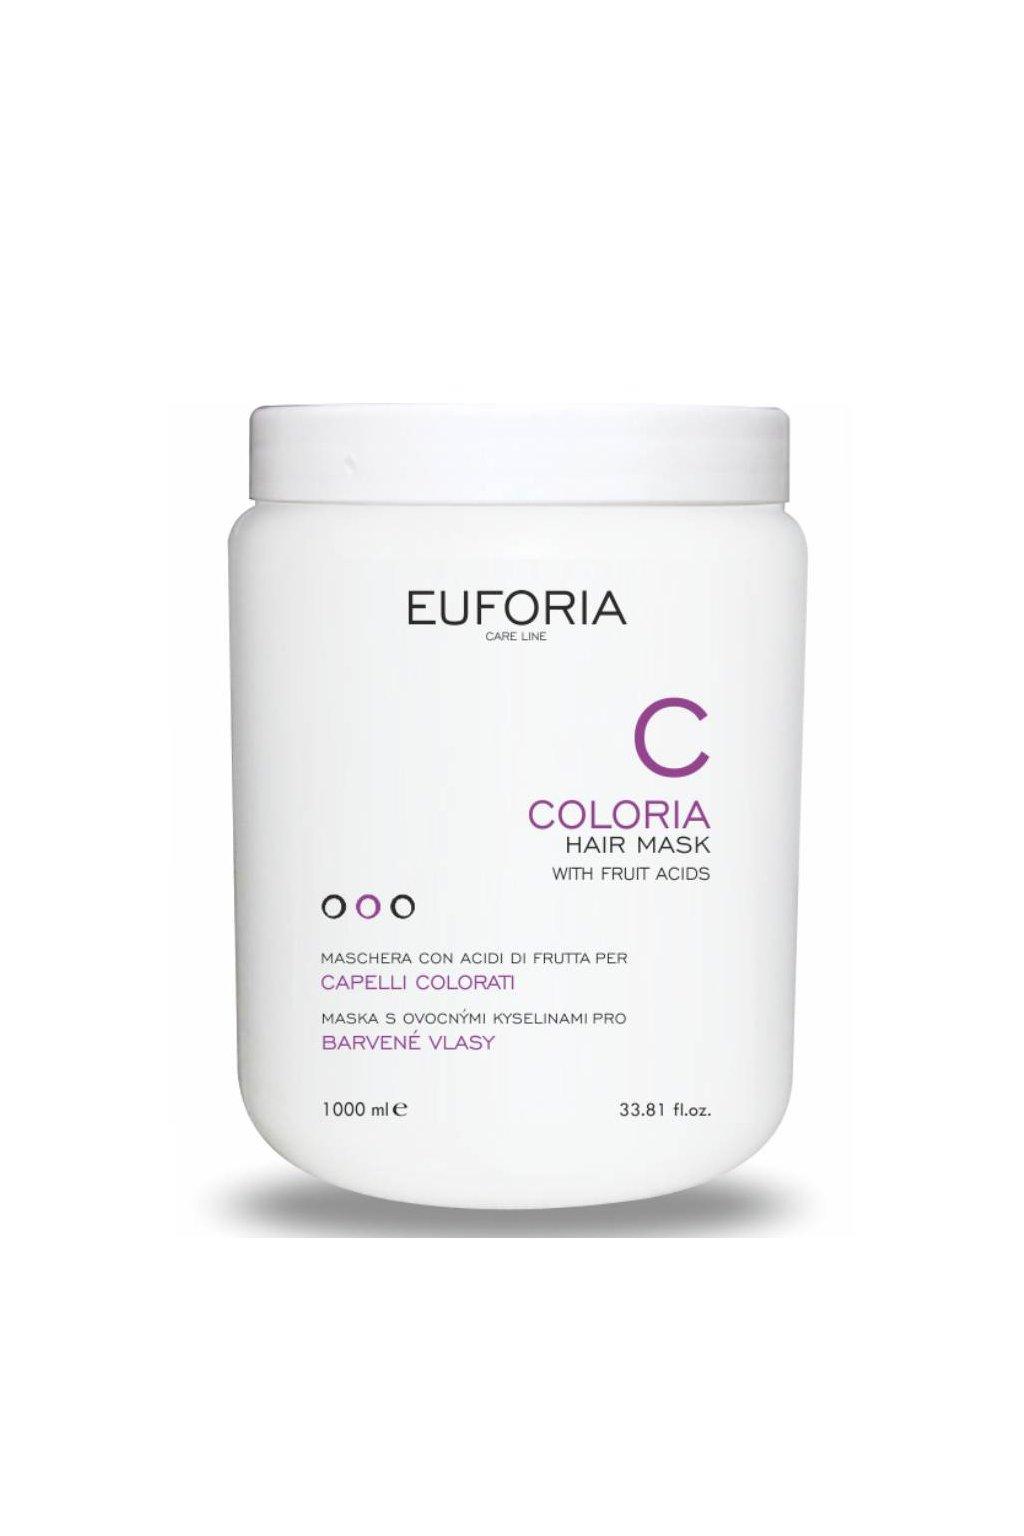 7007 euforia coloria maska pro barvene vlasy ochranna s ovocnymi kyselinami 1000ml